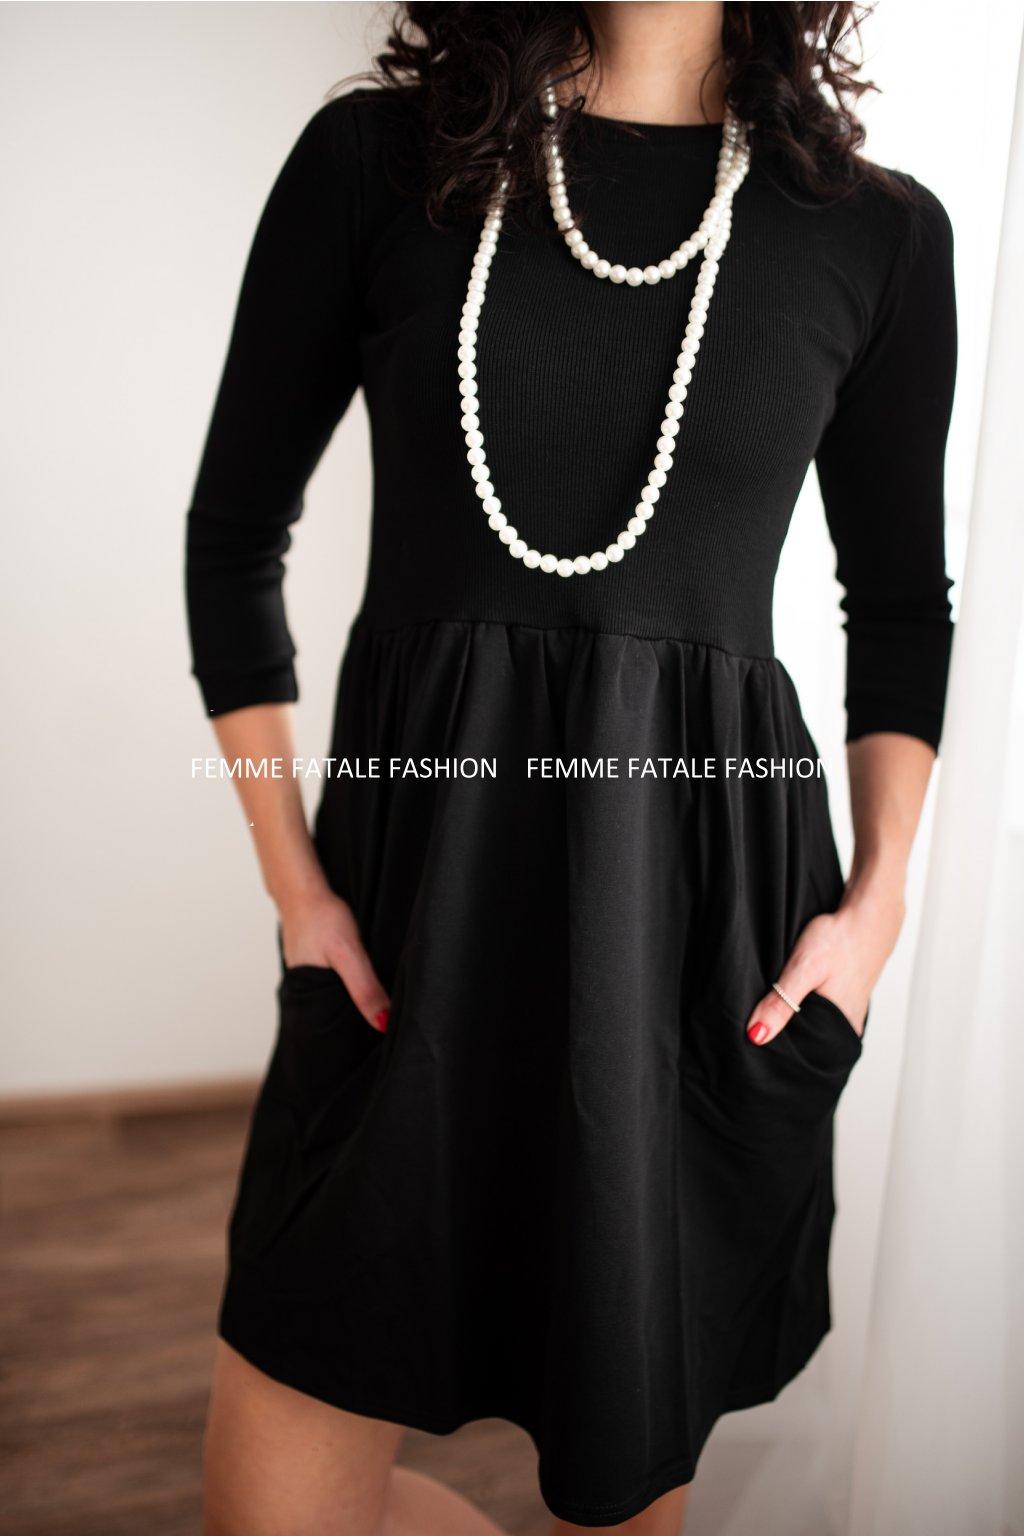 Podzimní dámské šaty NATALY femmefatalefashion (6)